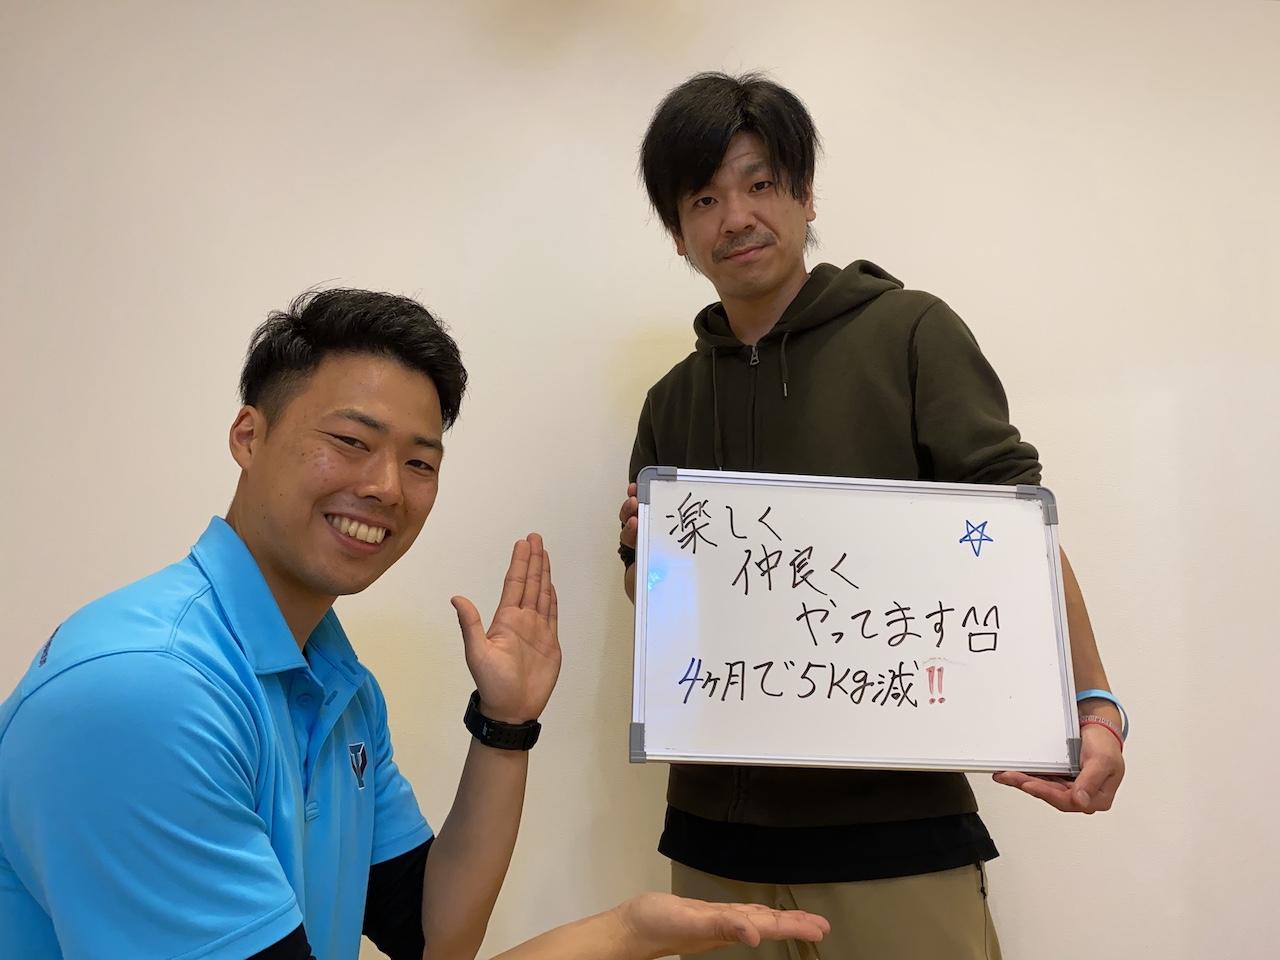 パーソナルトレーニングを受講されたお客様の声|菊池優太さん